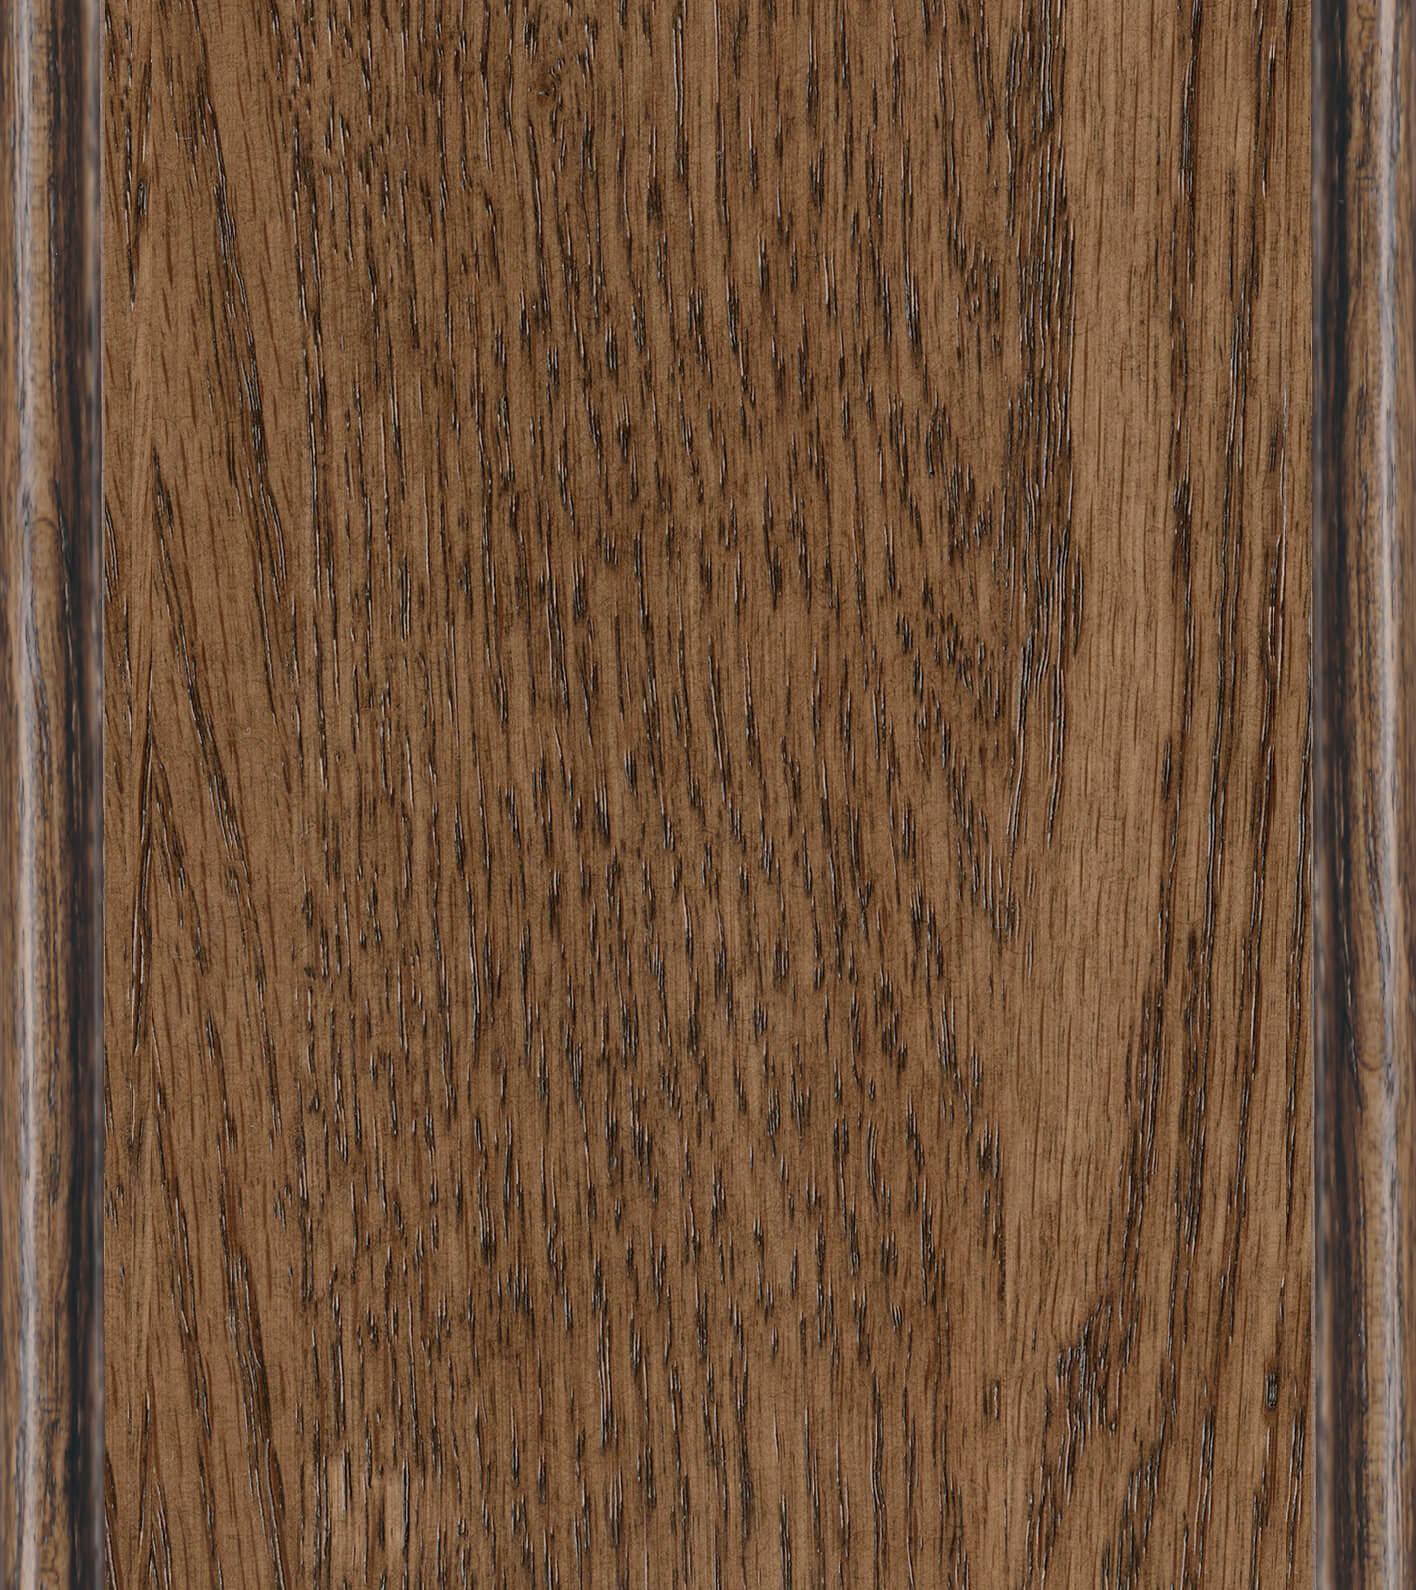 Hazelnut Stain on Red Oak